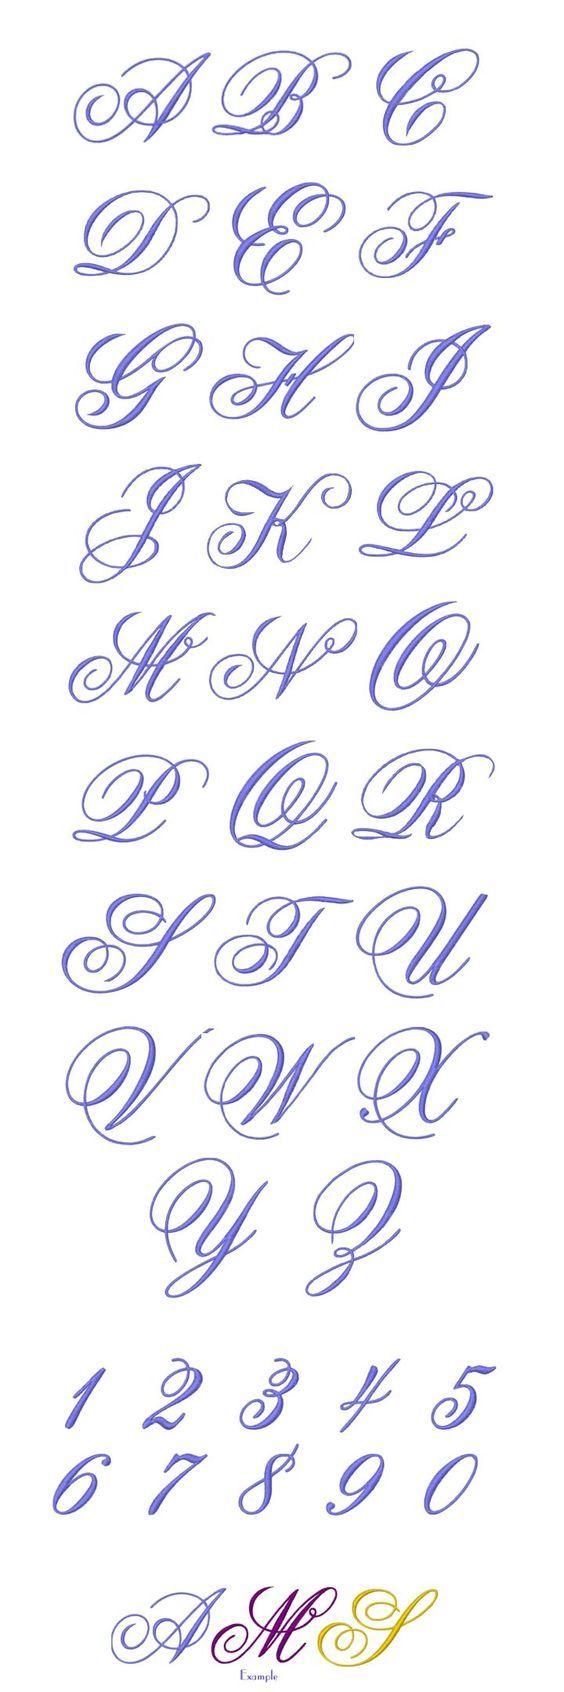 Oefenletters voor het schrijven van Versalen met één lijn.